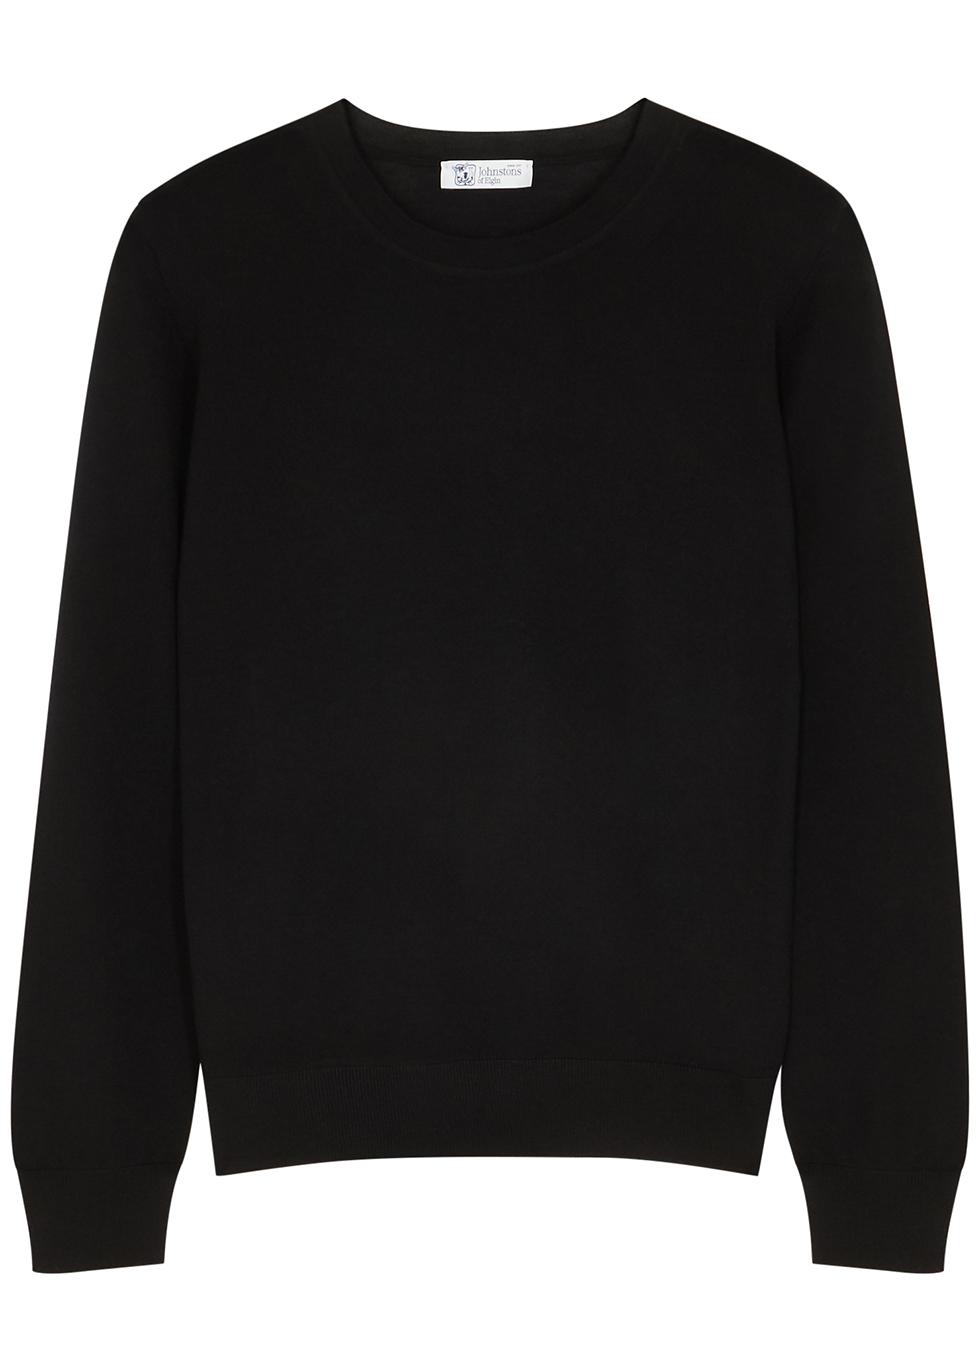 Maria black wool jumper